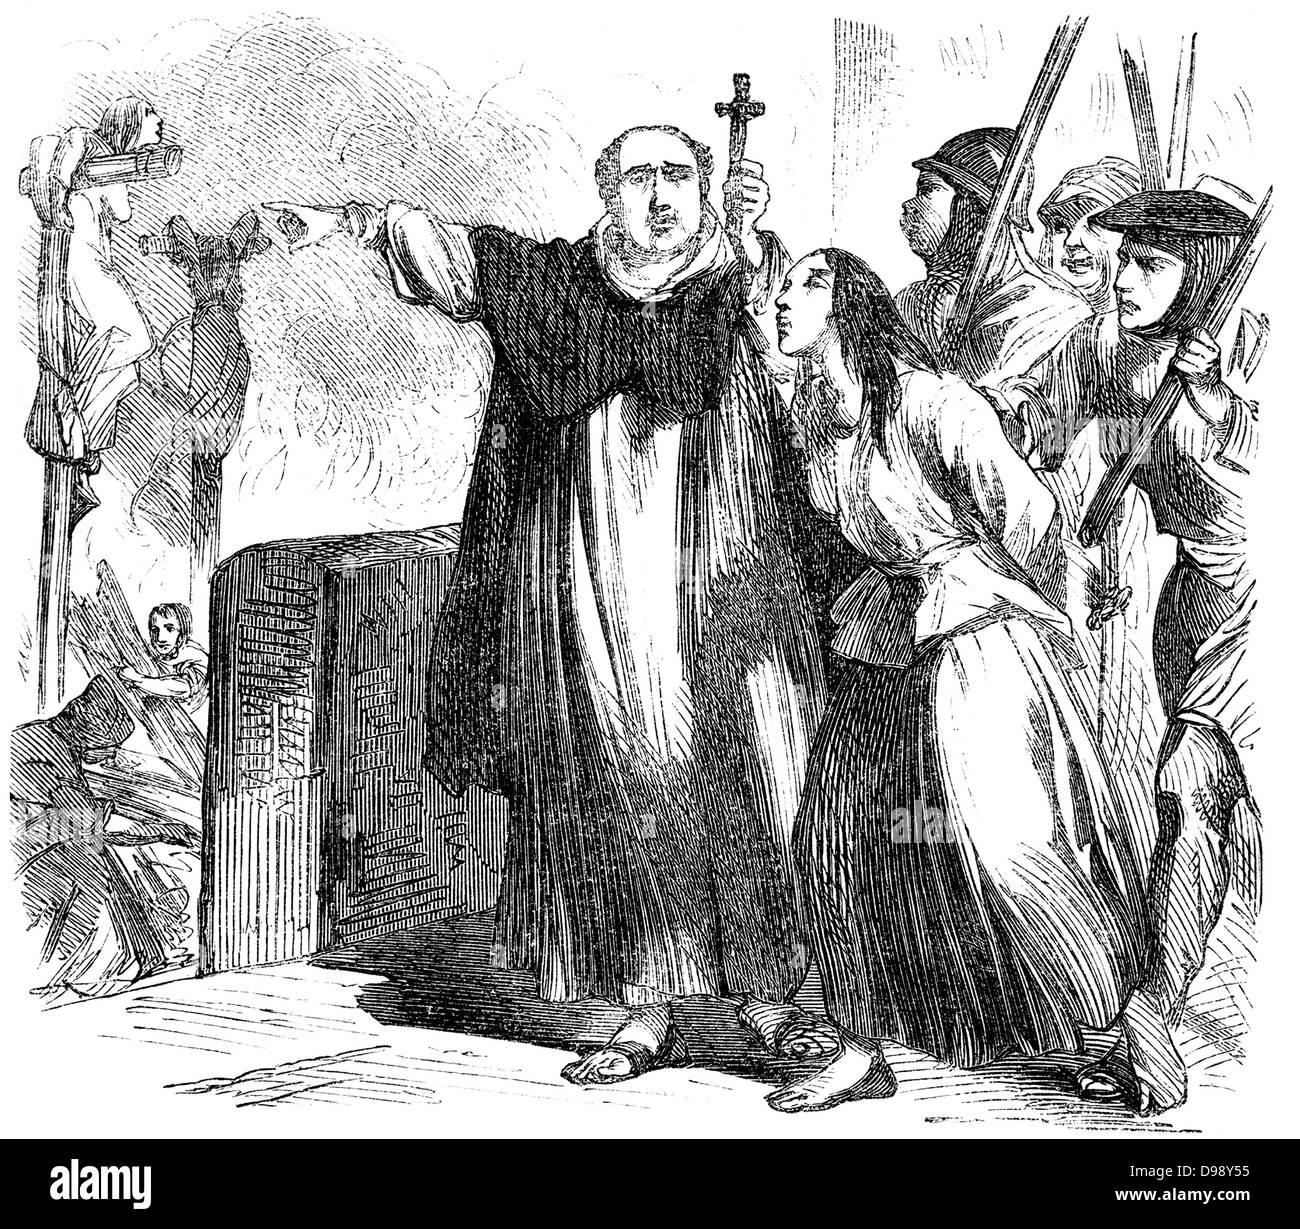 Verbrennen von Hexen in den mittelalterlichen Zeiten, Menschen Bild aus dem 19. Jahrhundert, 1864, Deutschland, Stockbild